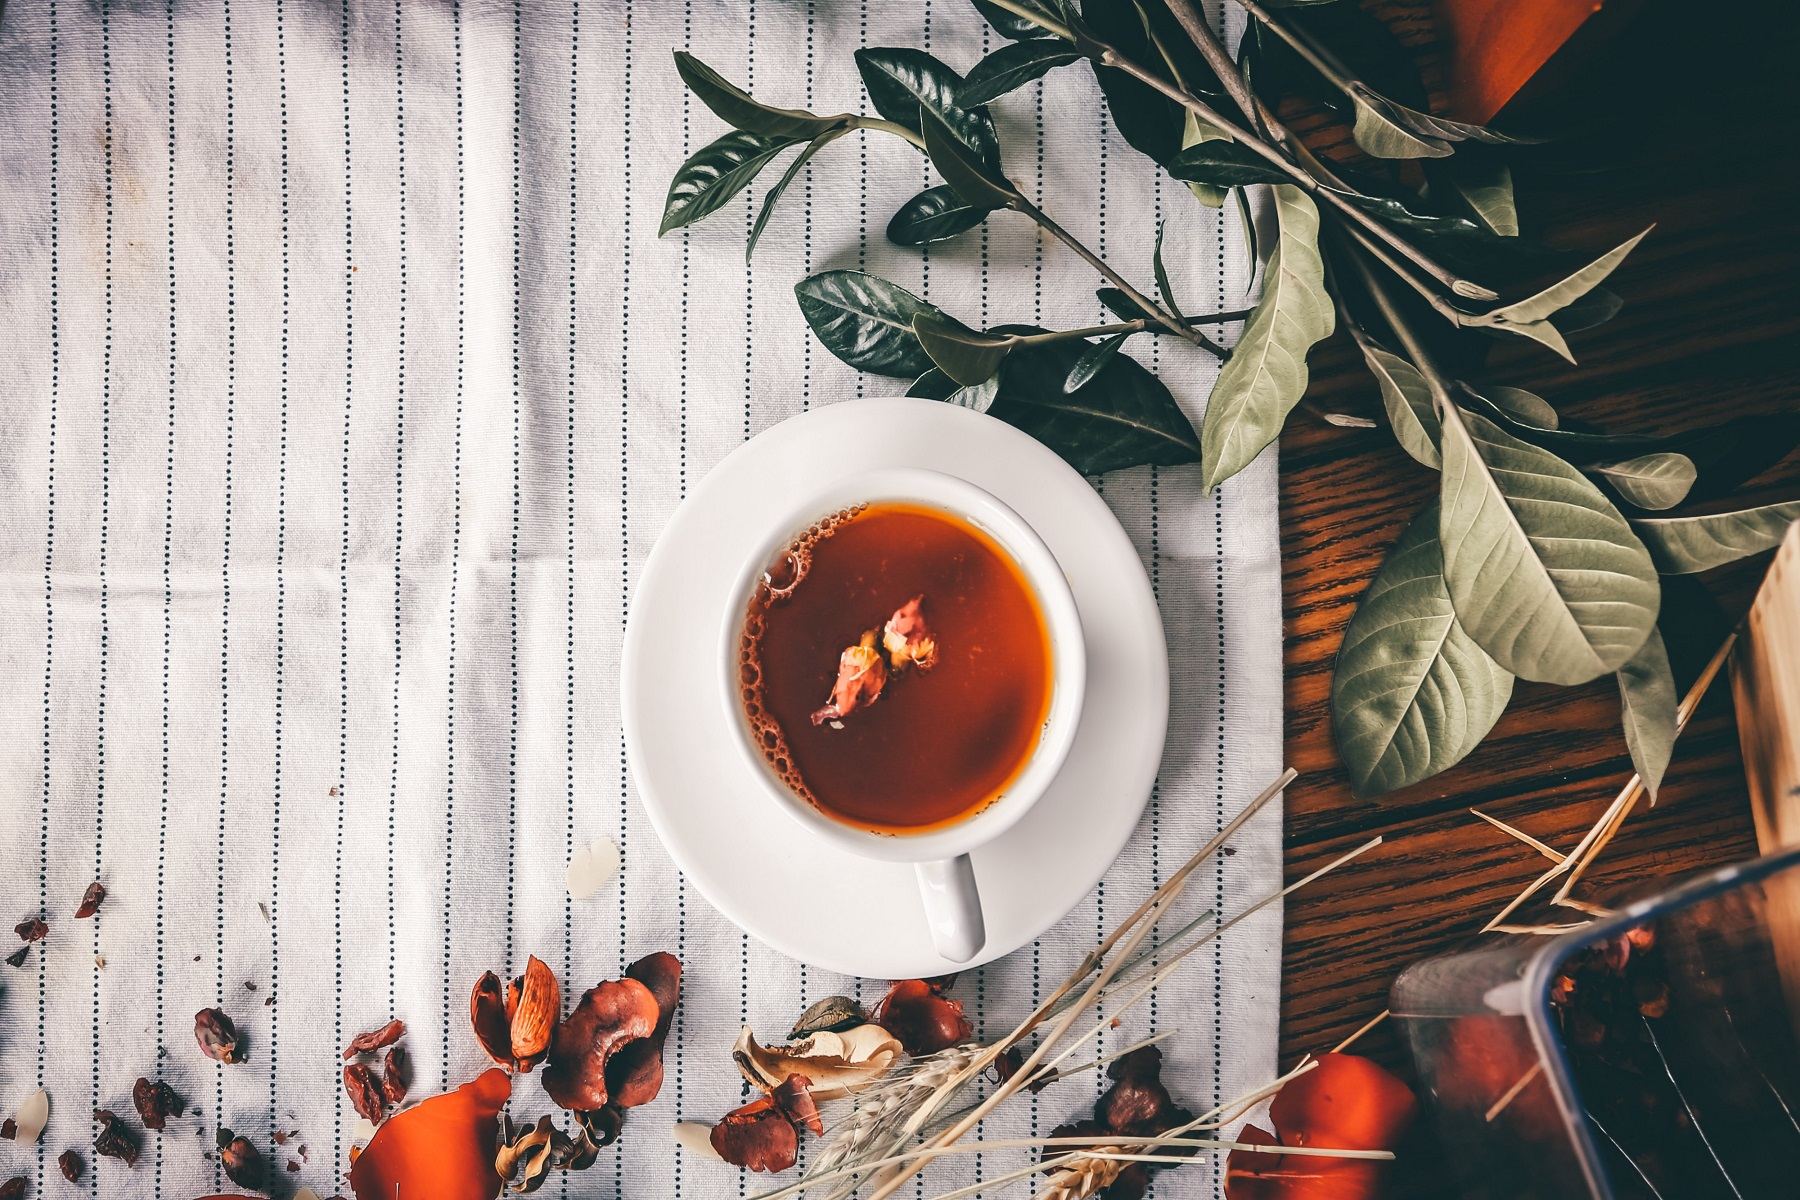 Απώλεια Βάρος: Τι να ξέρετε για τη γρήγορη δίαιτα του μοναχού